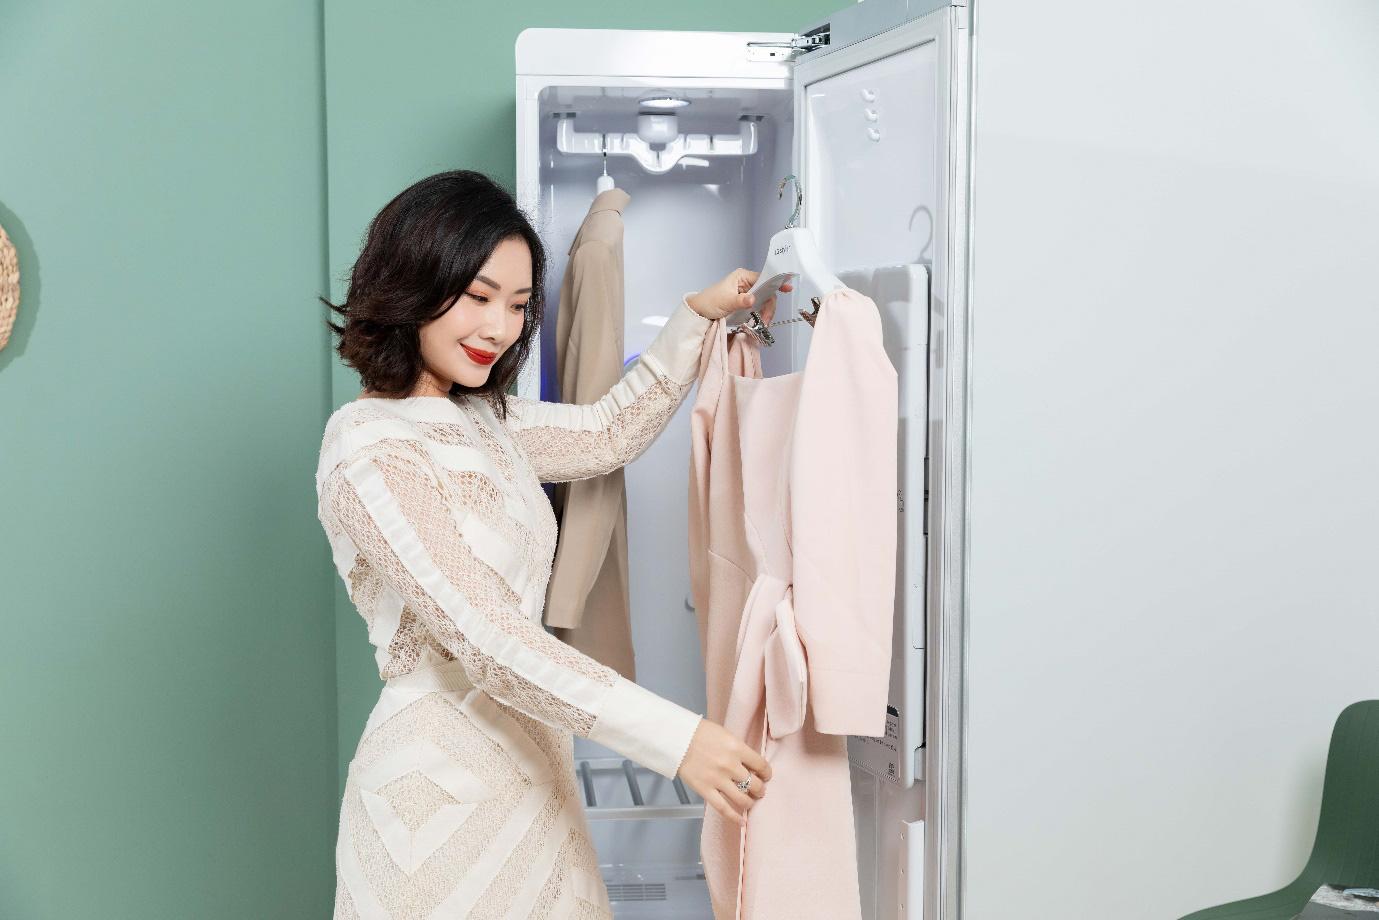 """Stylist Cindy Nguyễn: """"Đẳng cấp của mỗi người không thể hiện ở việc bạn sở hữu bao nhiêu món đồ hiệu"""" - Ảnh 1."""